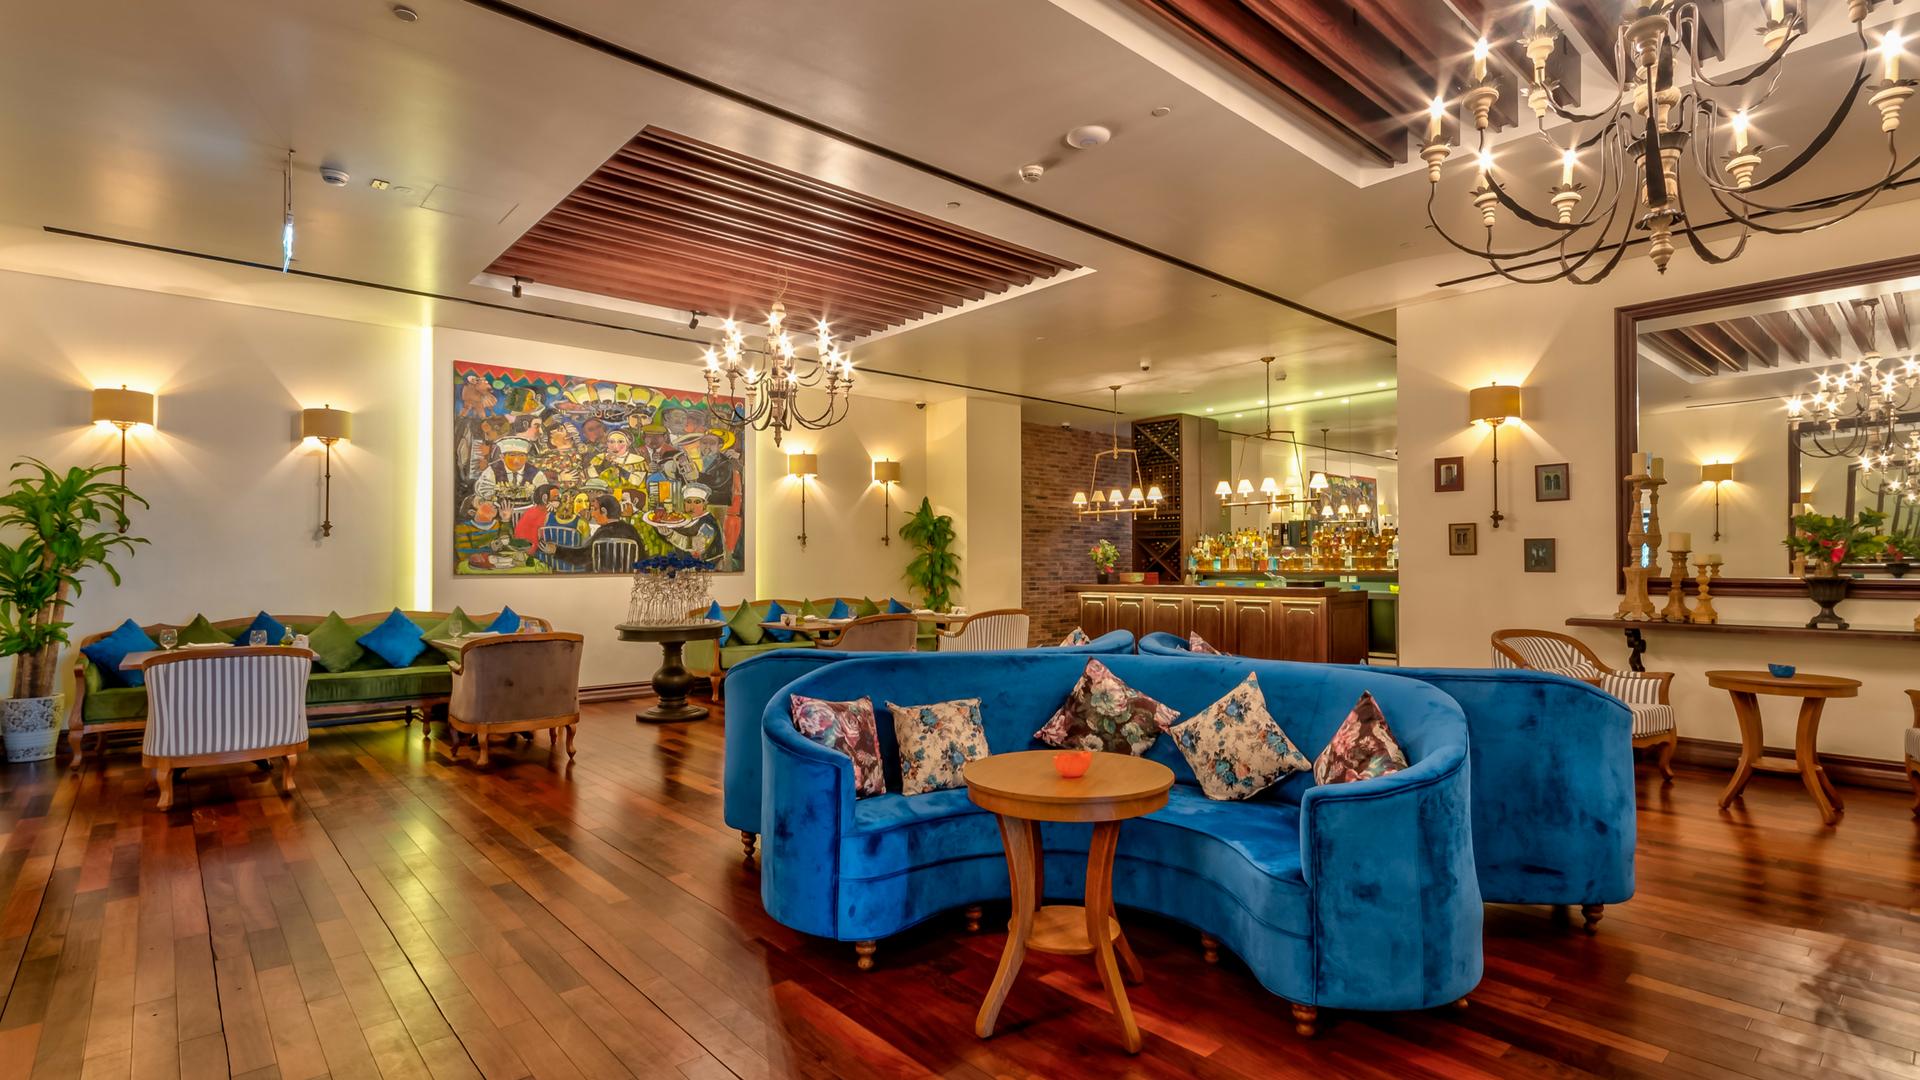 جانب-من-مطعم-المياس-بفندق-سوفيتل-داون-تاون